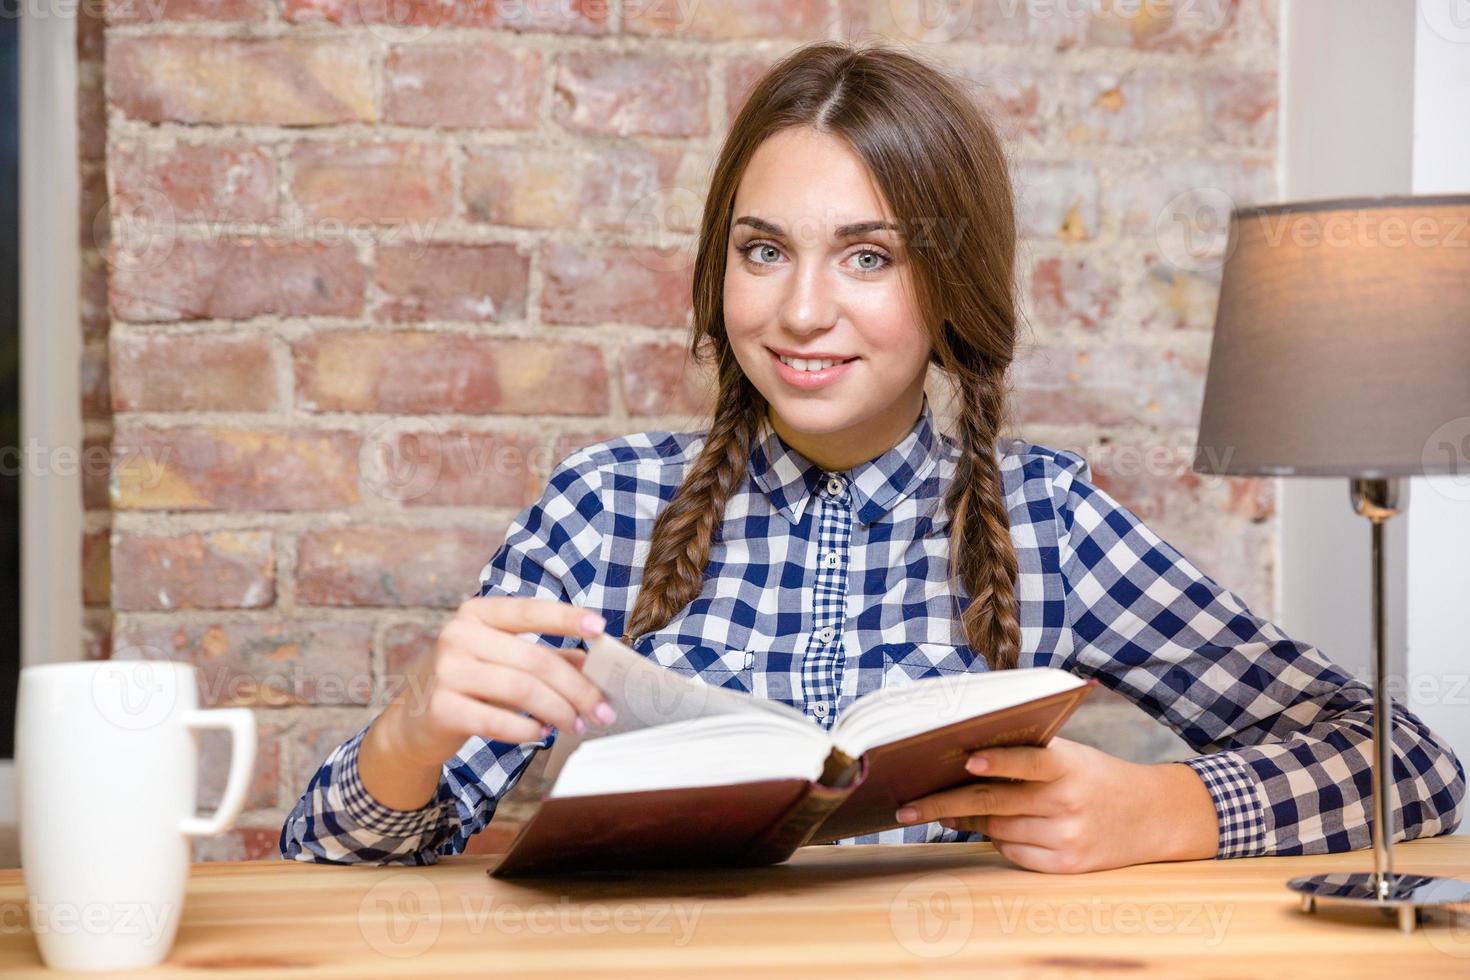 mulher sorridente sentada à mesa com um livro foto